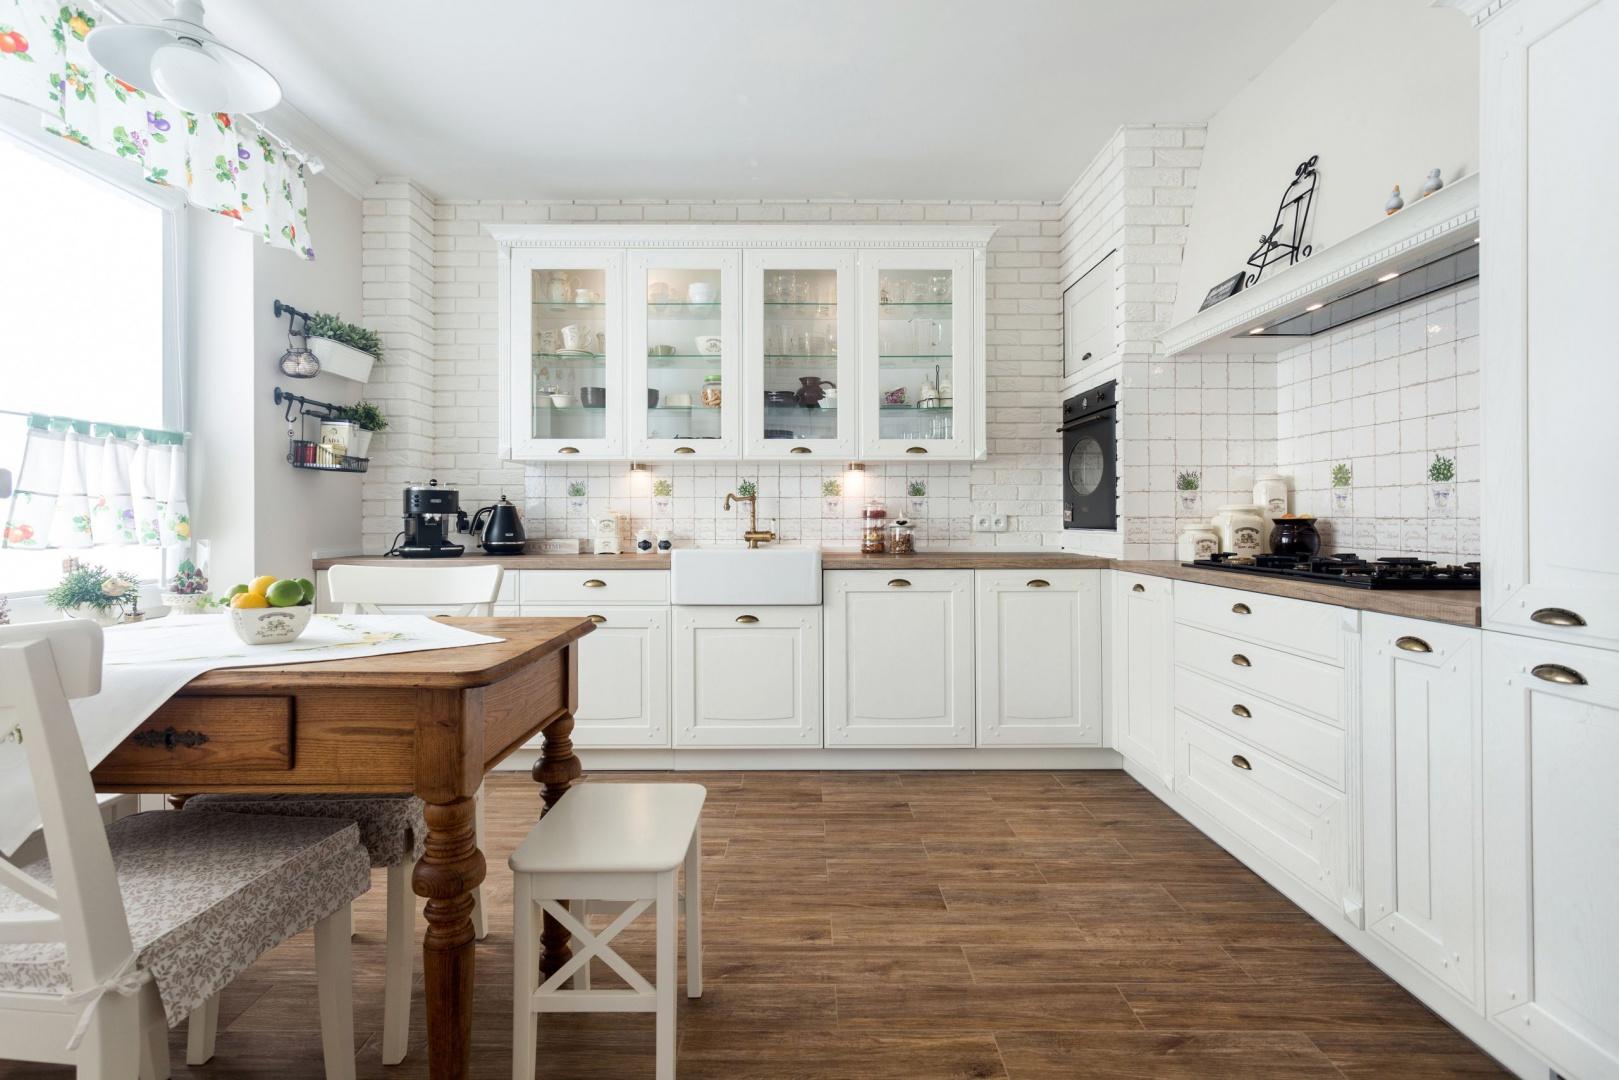 Kuchnia jak na wsi. Fot. Studio Max Kuchnie A&K.